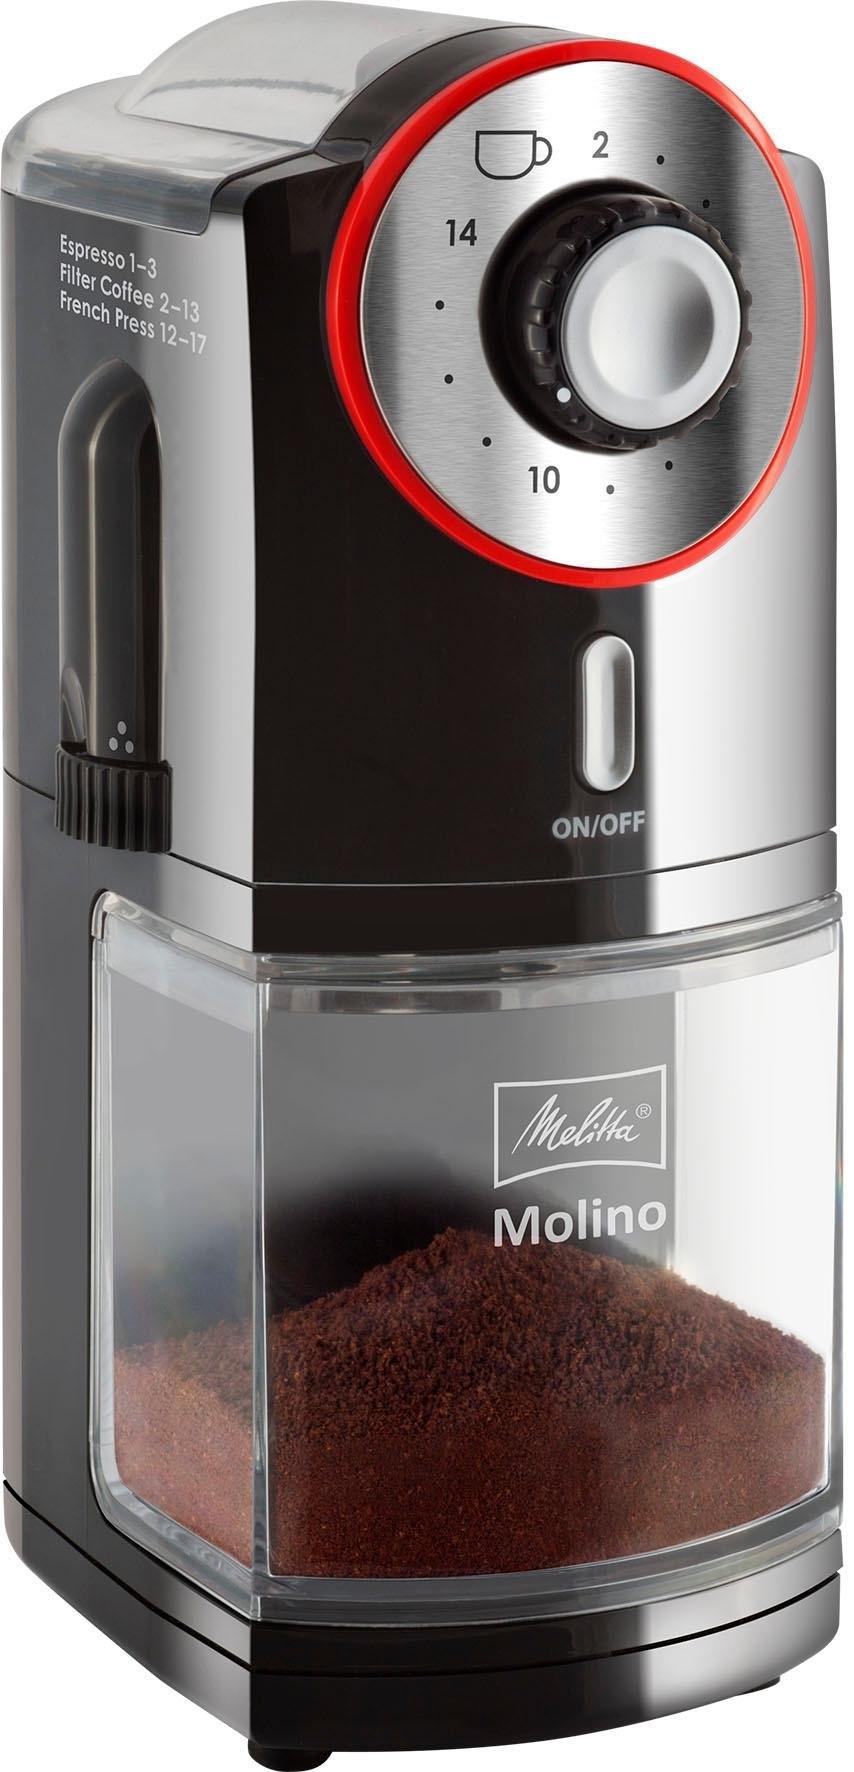 Melitta koffiemolen Molino 1019-01 zwart/rood bestellen: 30 dagen bedenktijd